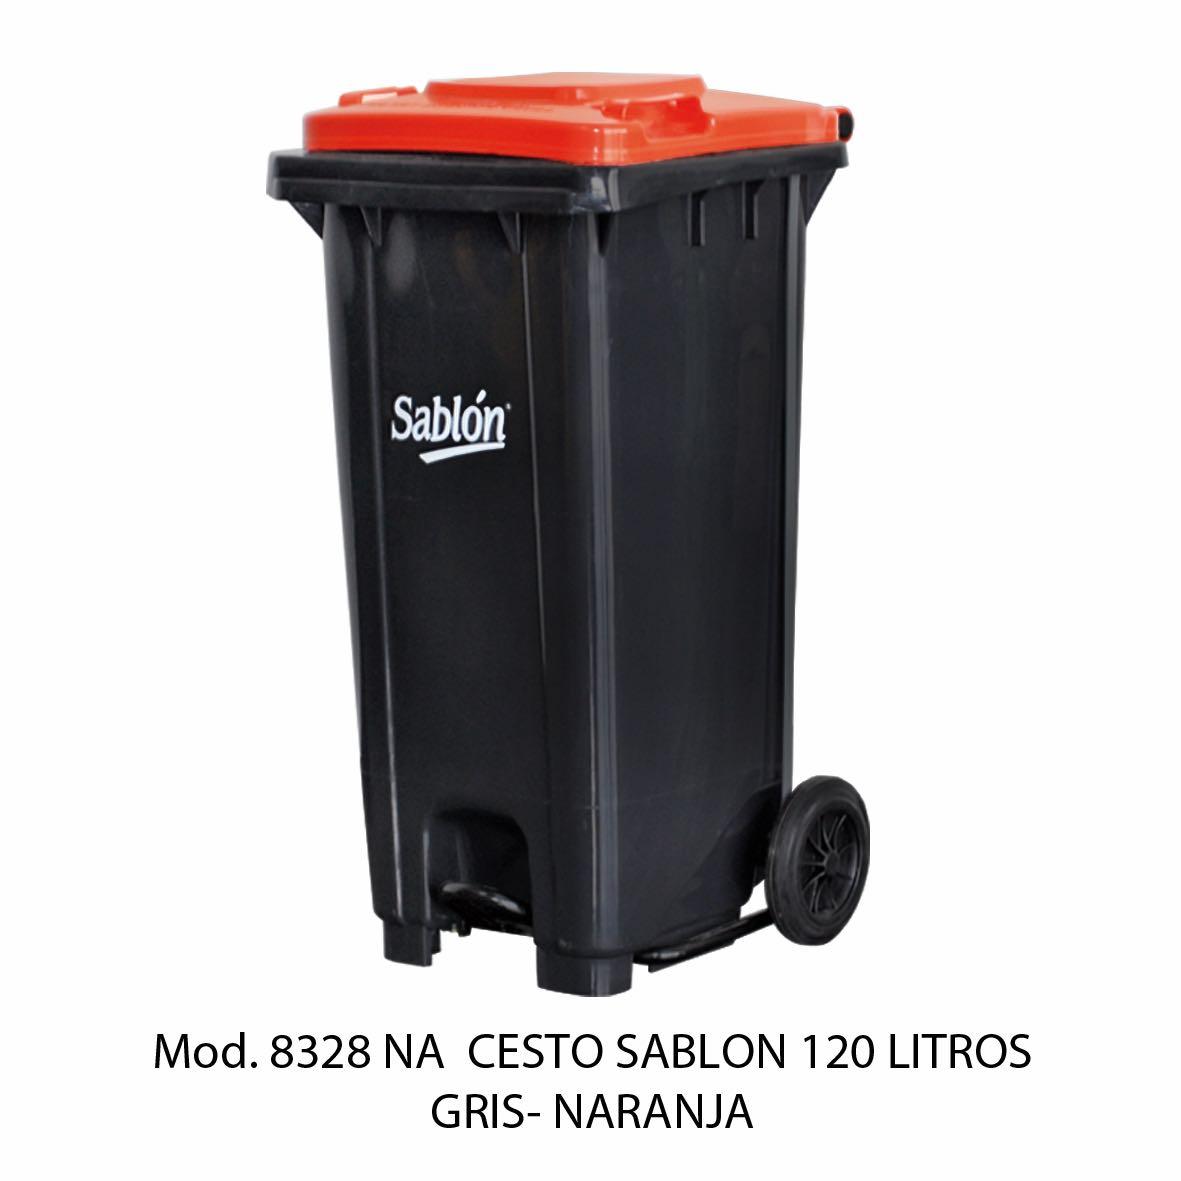 Contenedor para basura de 120 litros cuerpo gris y tapa naranja - Modelo 8328 NA - Sablón